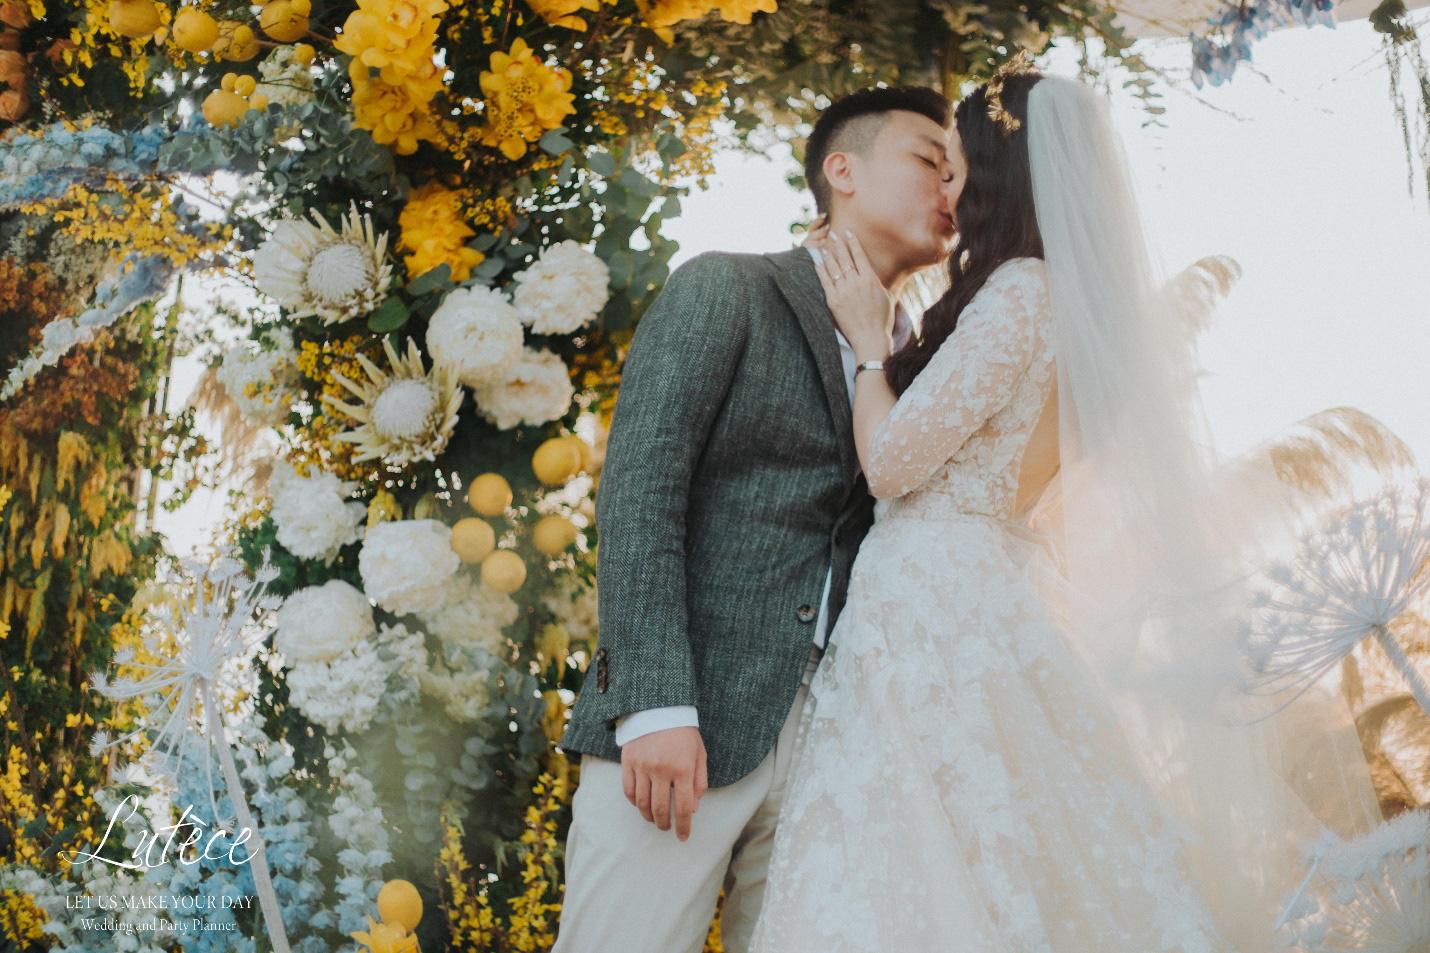 Đám cưới Địa Trung Hải – Cảm xúc bất tận - Ảnh 9.